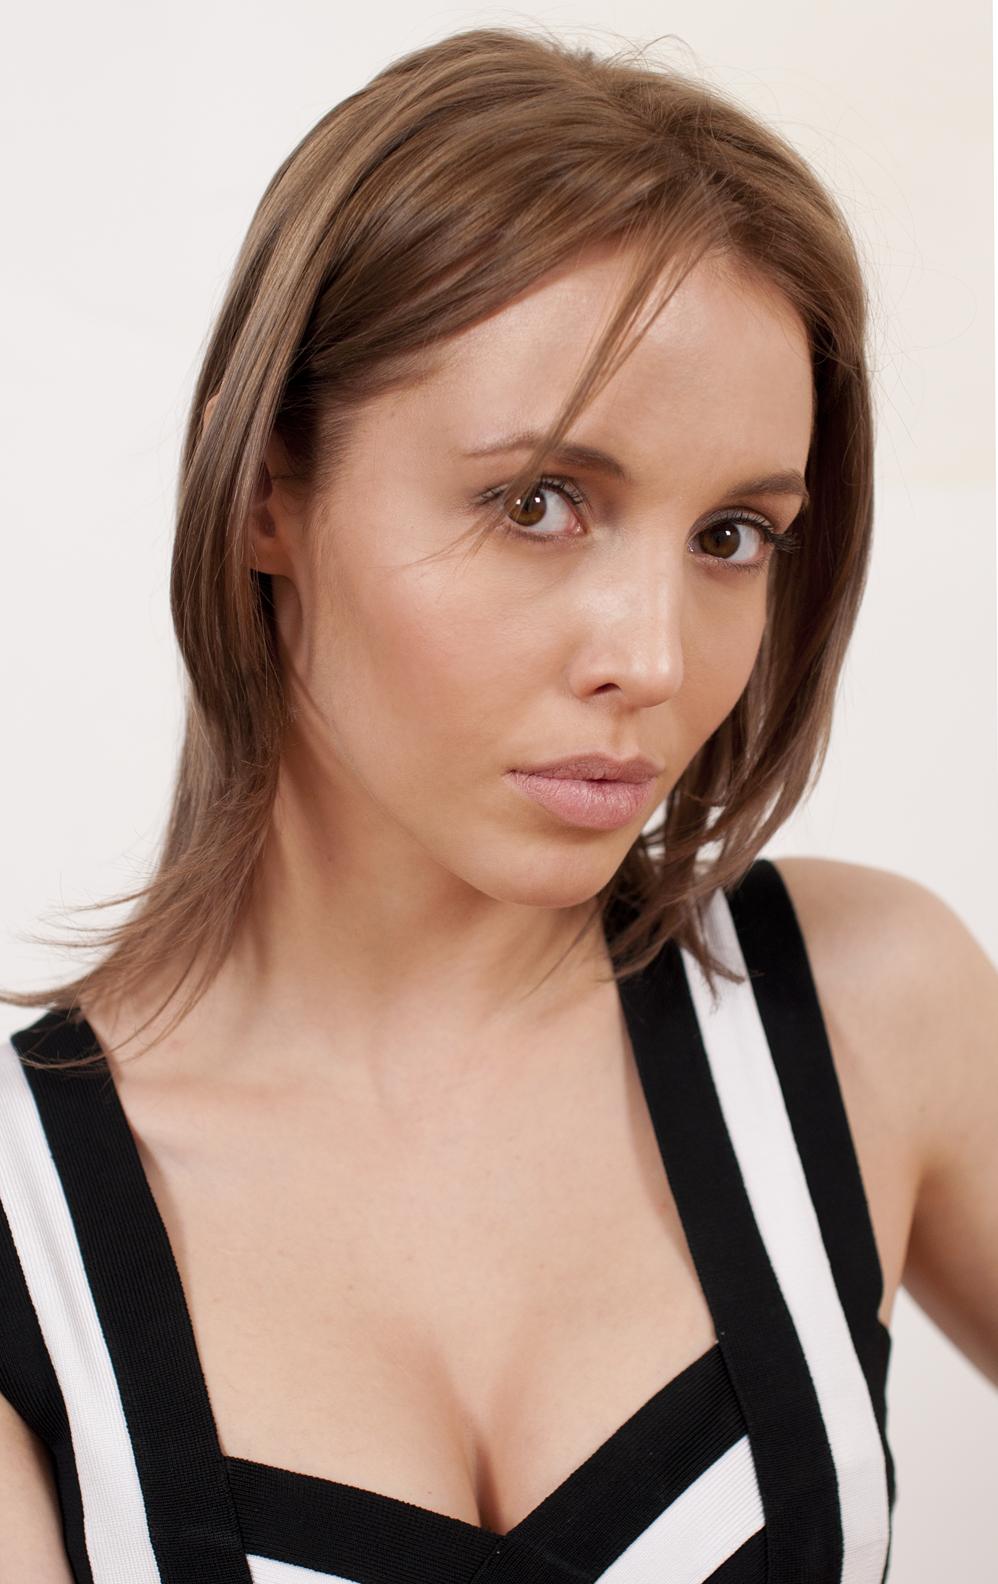 фото актрисы юлии маньковской этого растения одно